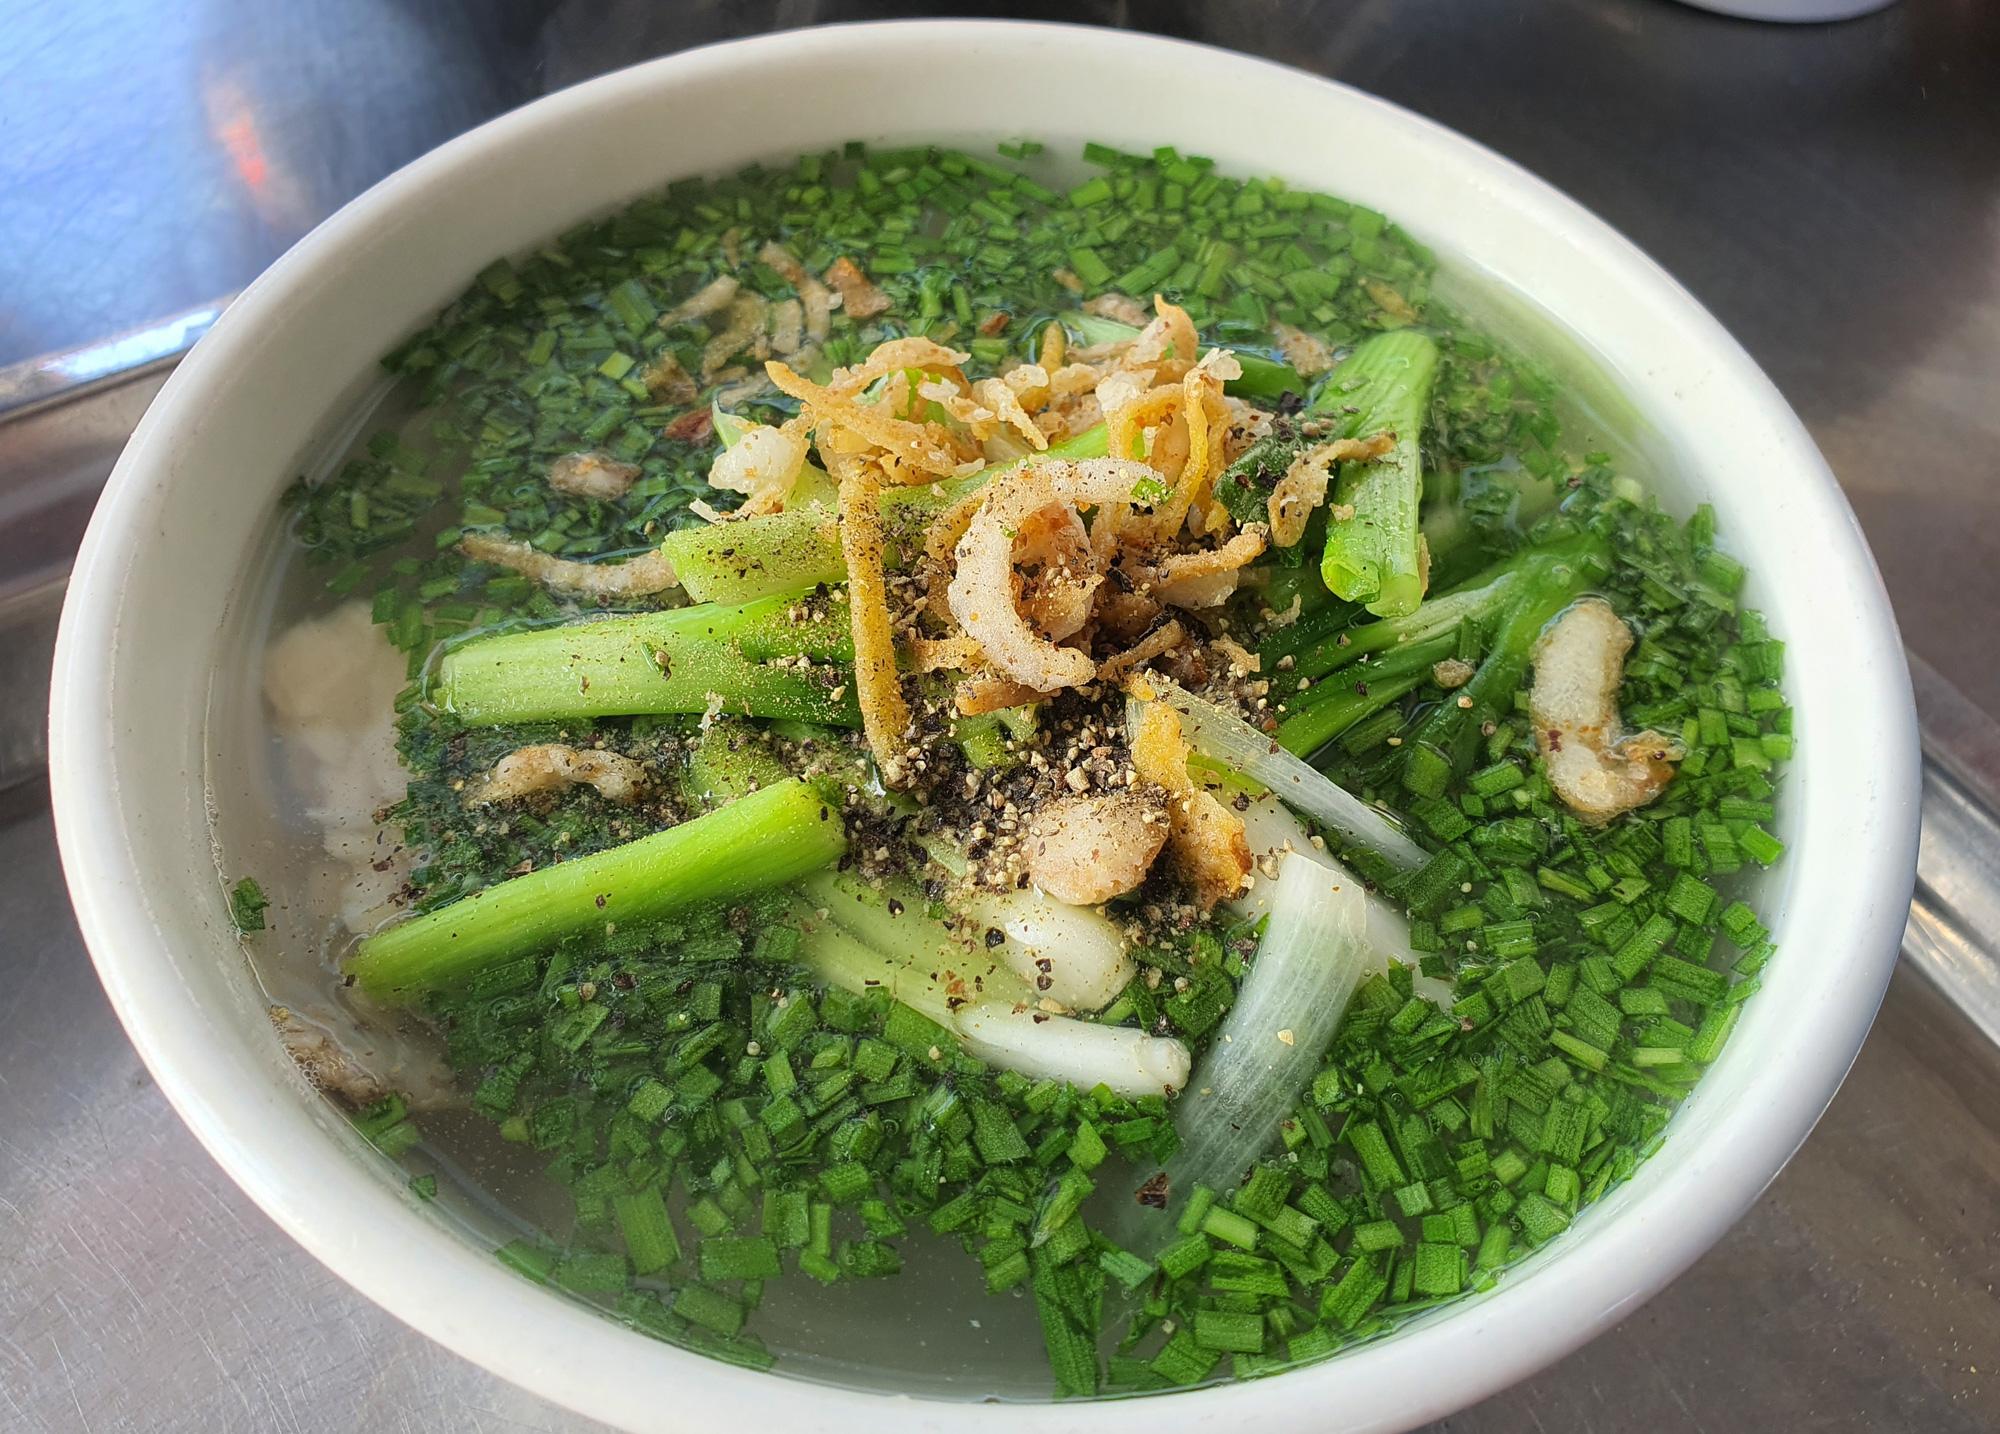 Món bánh canh ngon trứ danh ở Phú Yên, thực khách vừa ăn vừa xuýt xoa - Ảnh 3.